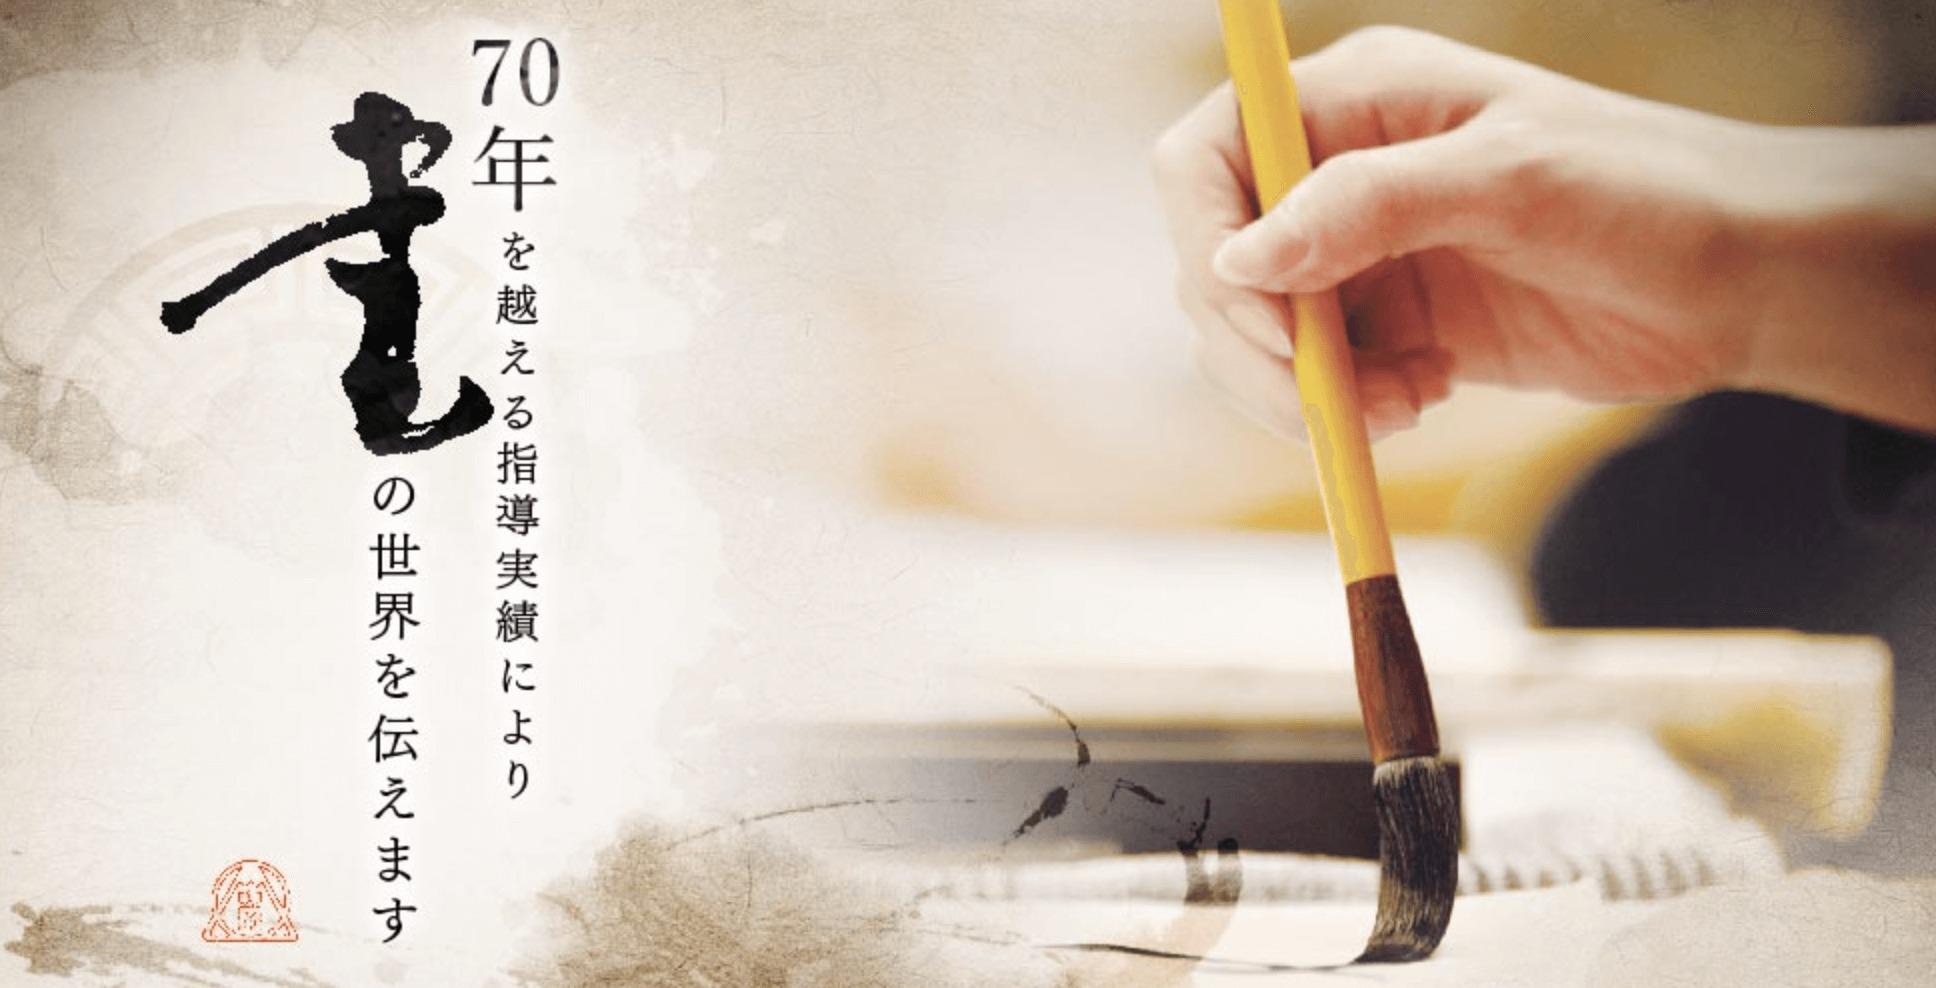 日本書道教育学会のペン字通信教育講座の特徴